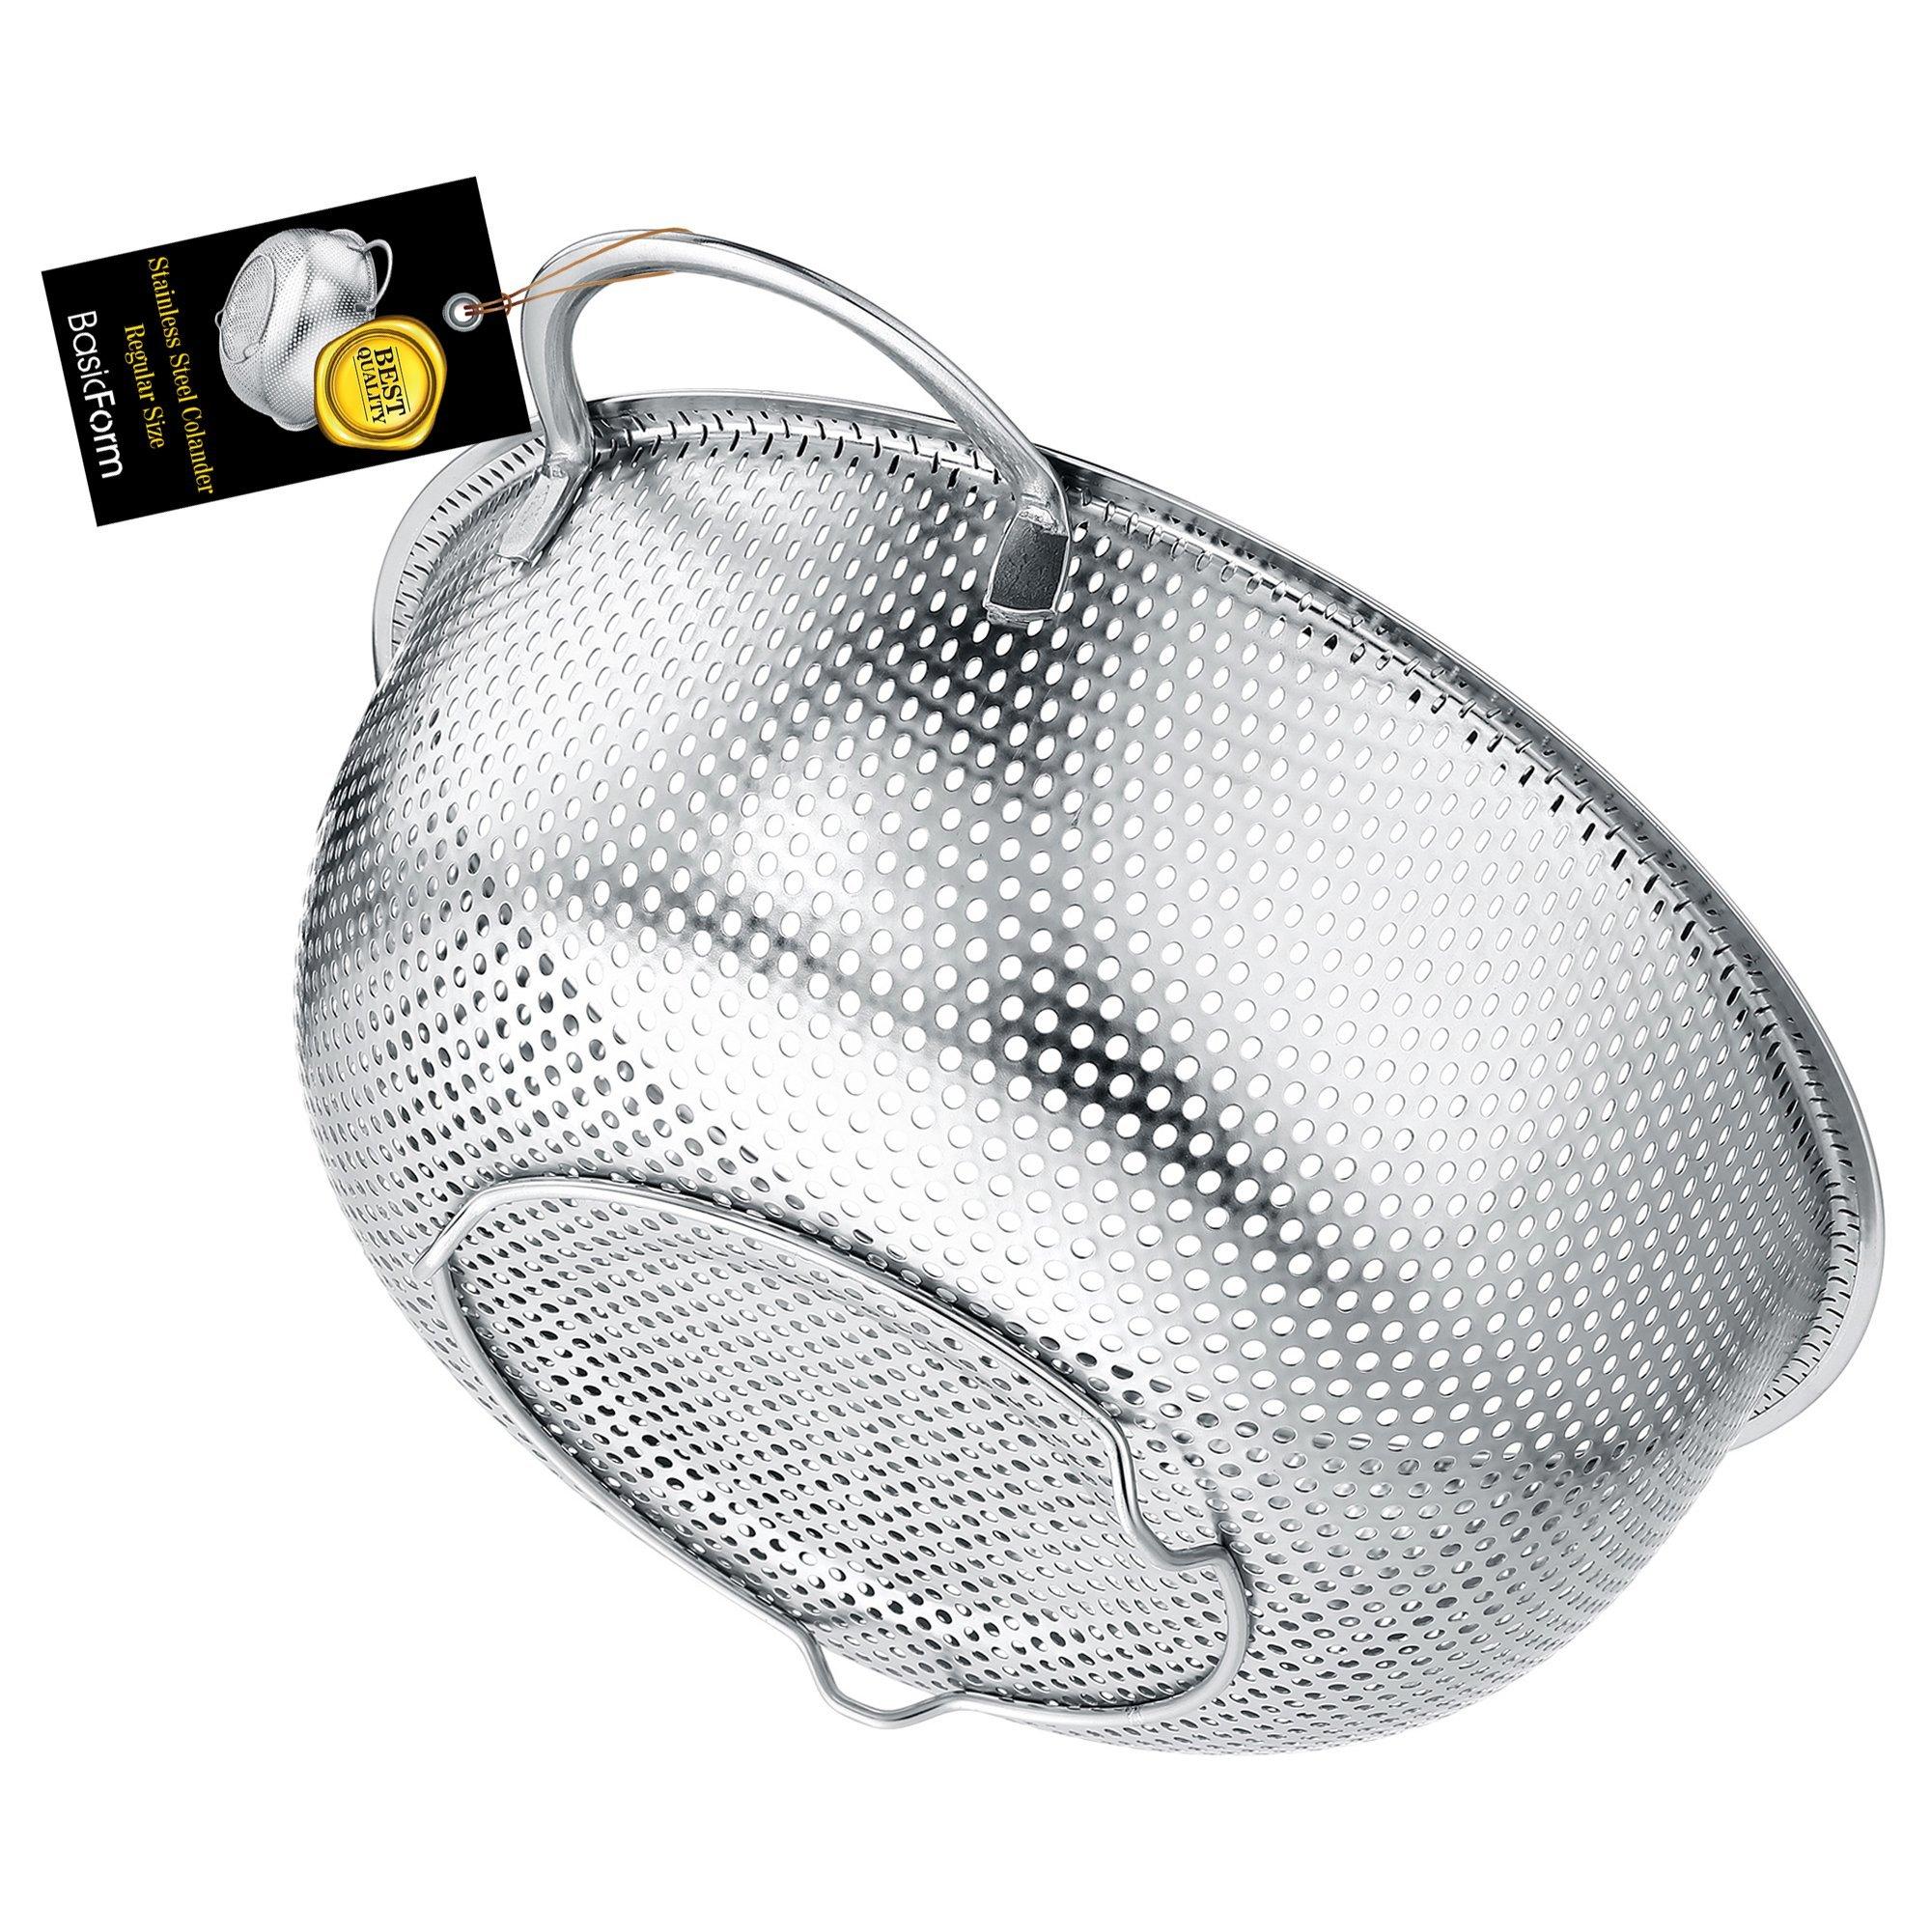 BasicForm Colador microperforado con mango y base de acero inoxidable 22.5cm product image